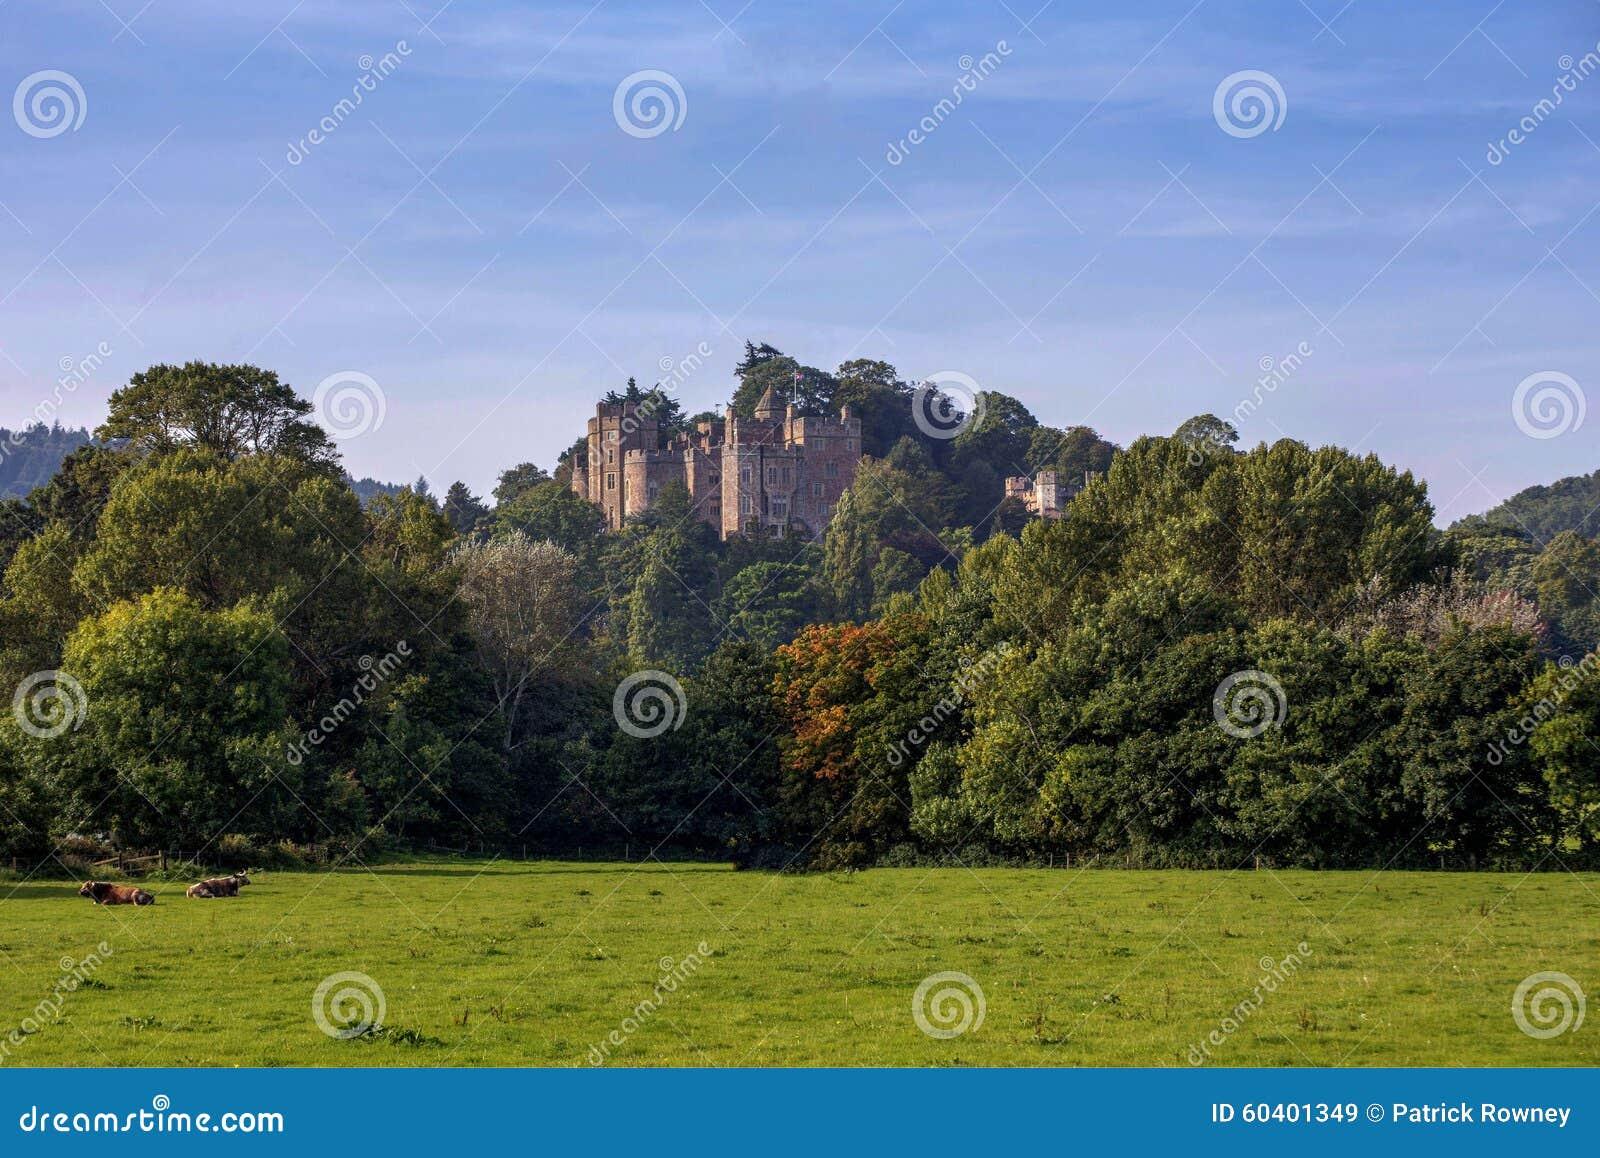 邓斯特城堡在萨默塞特英国